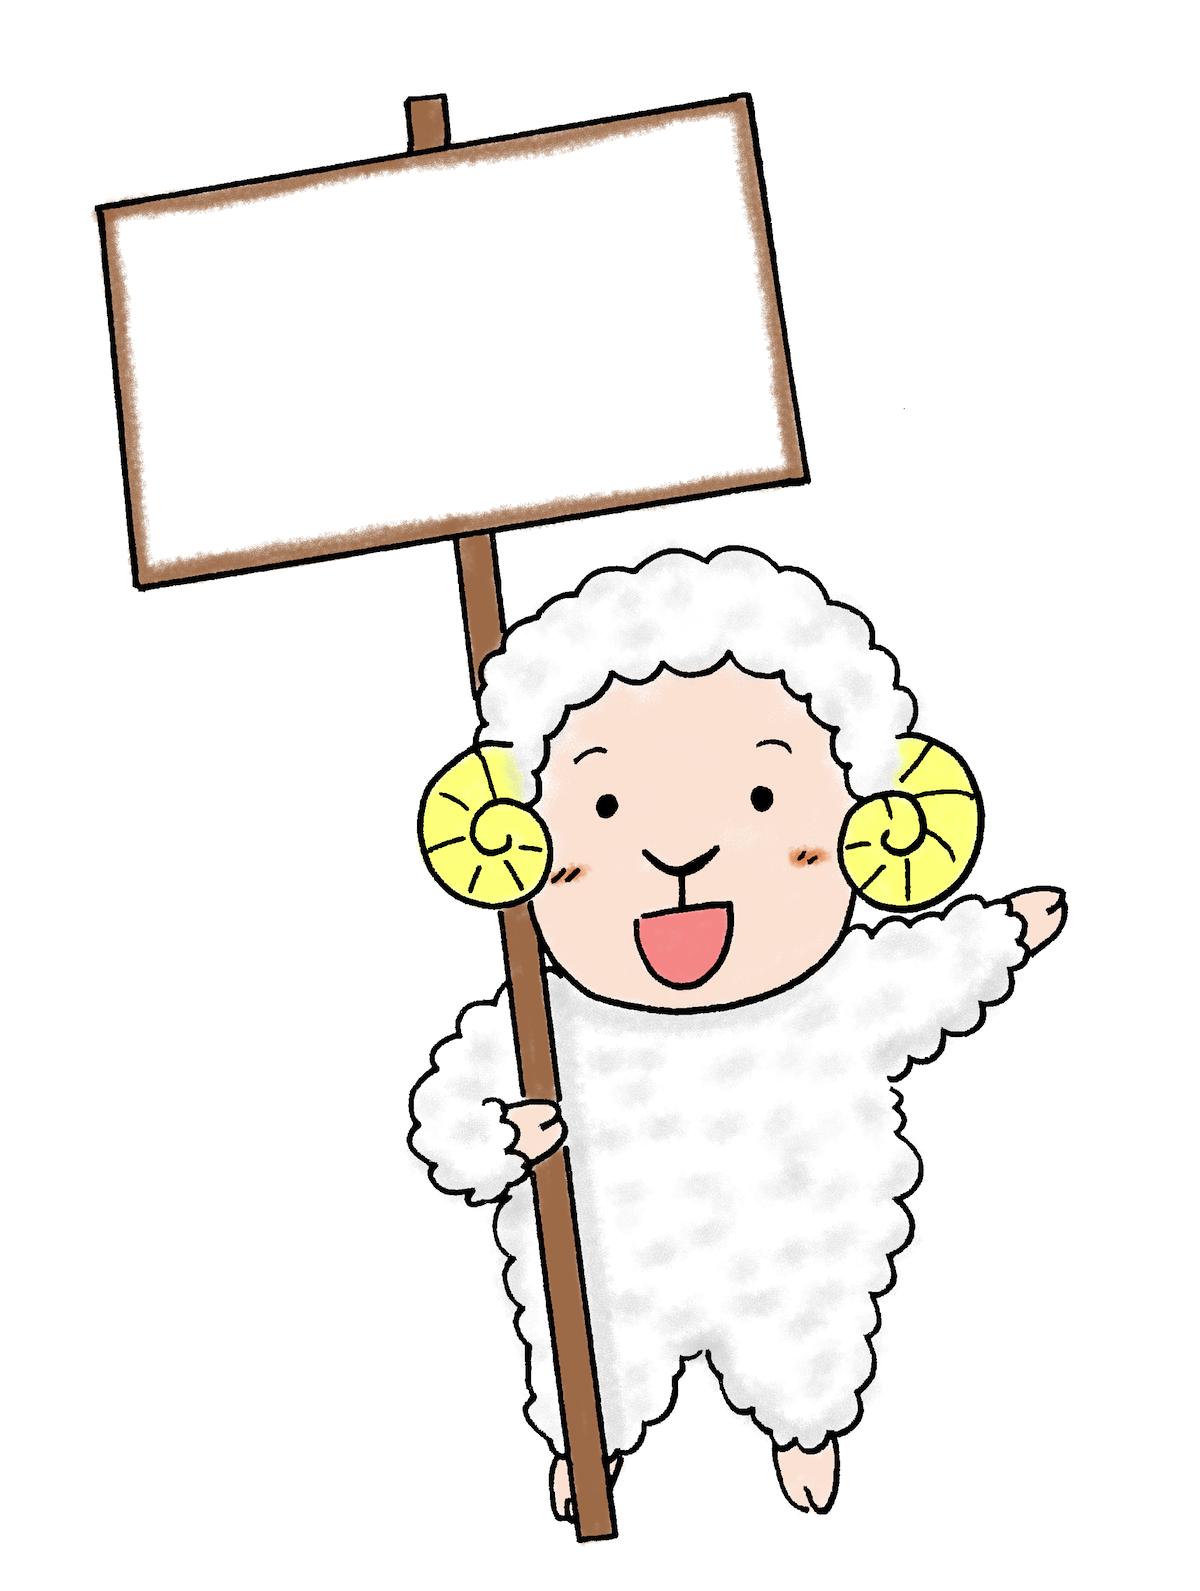 プラカードを持って笑顔の羊 ひつじ15年賀状素材 無料イラスト配布サイトマンガトップ